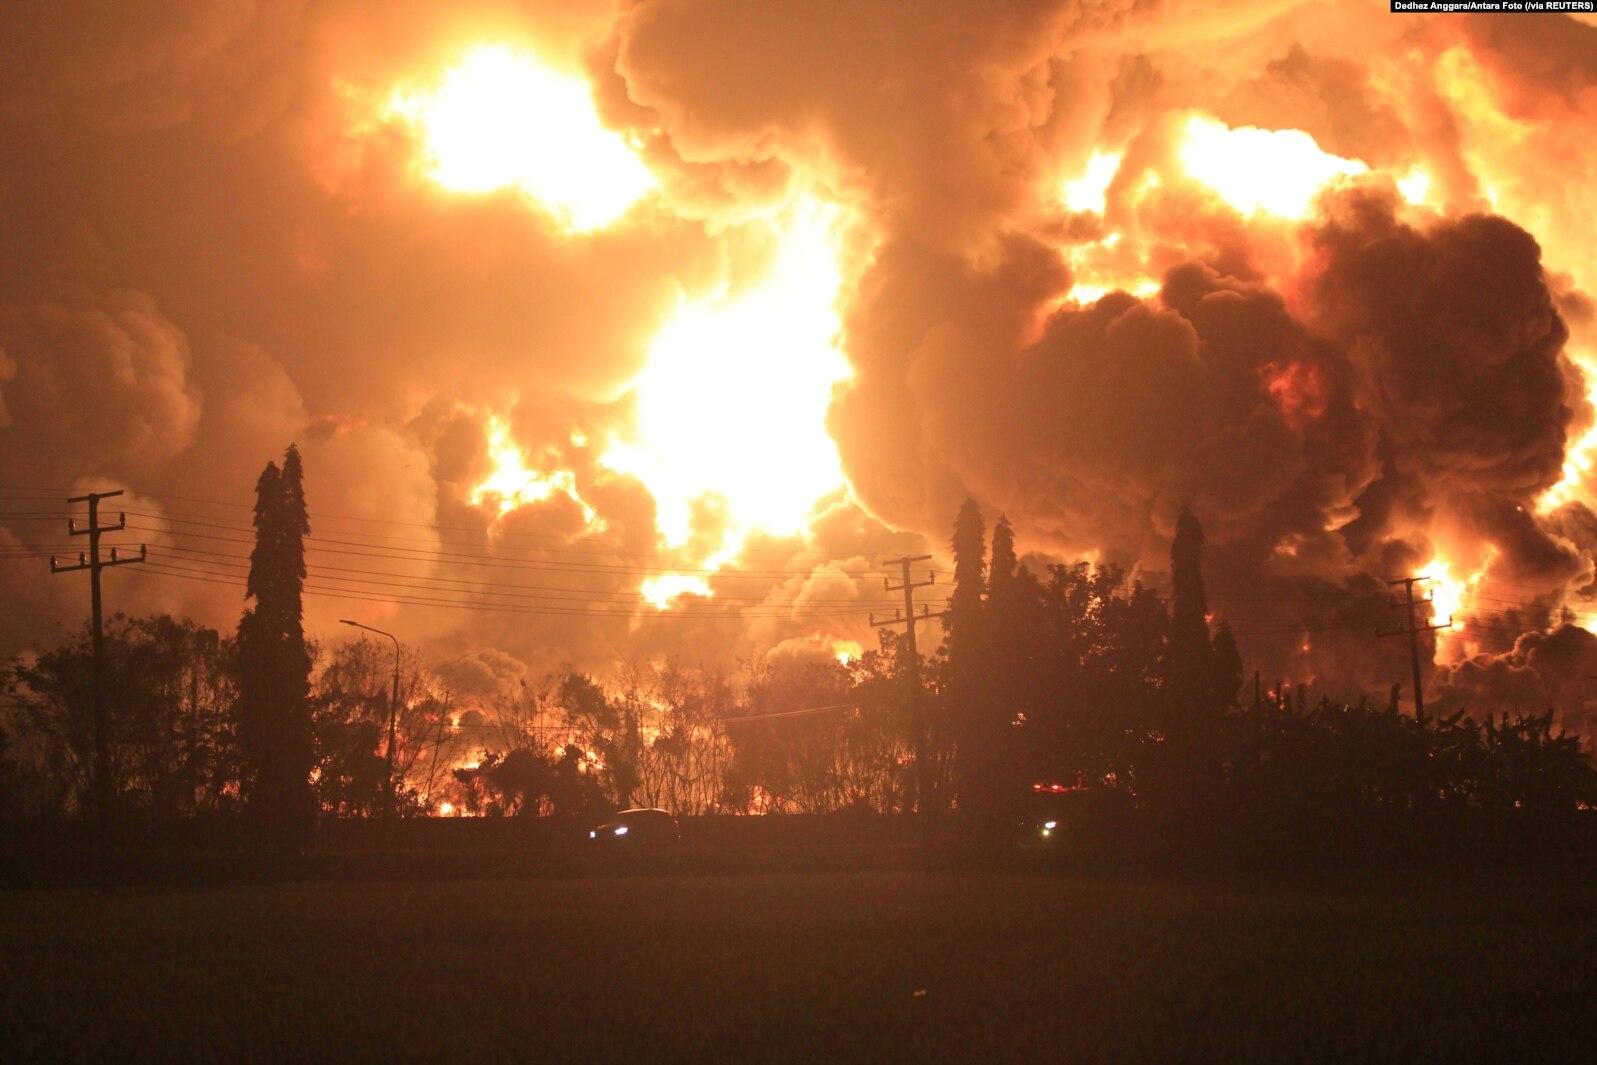 Pasca Kebakaran Kilang Minyak Balongan, Pertamina: Stok BBM Nasional Aman